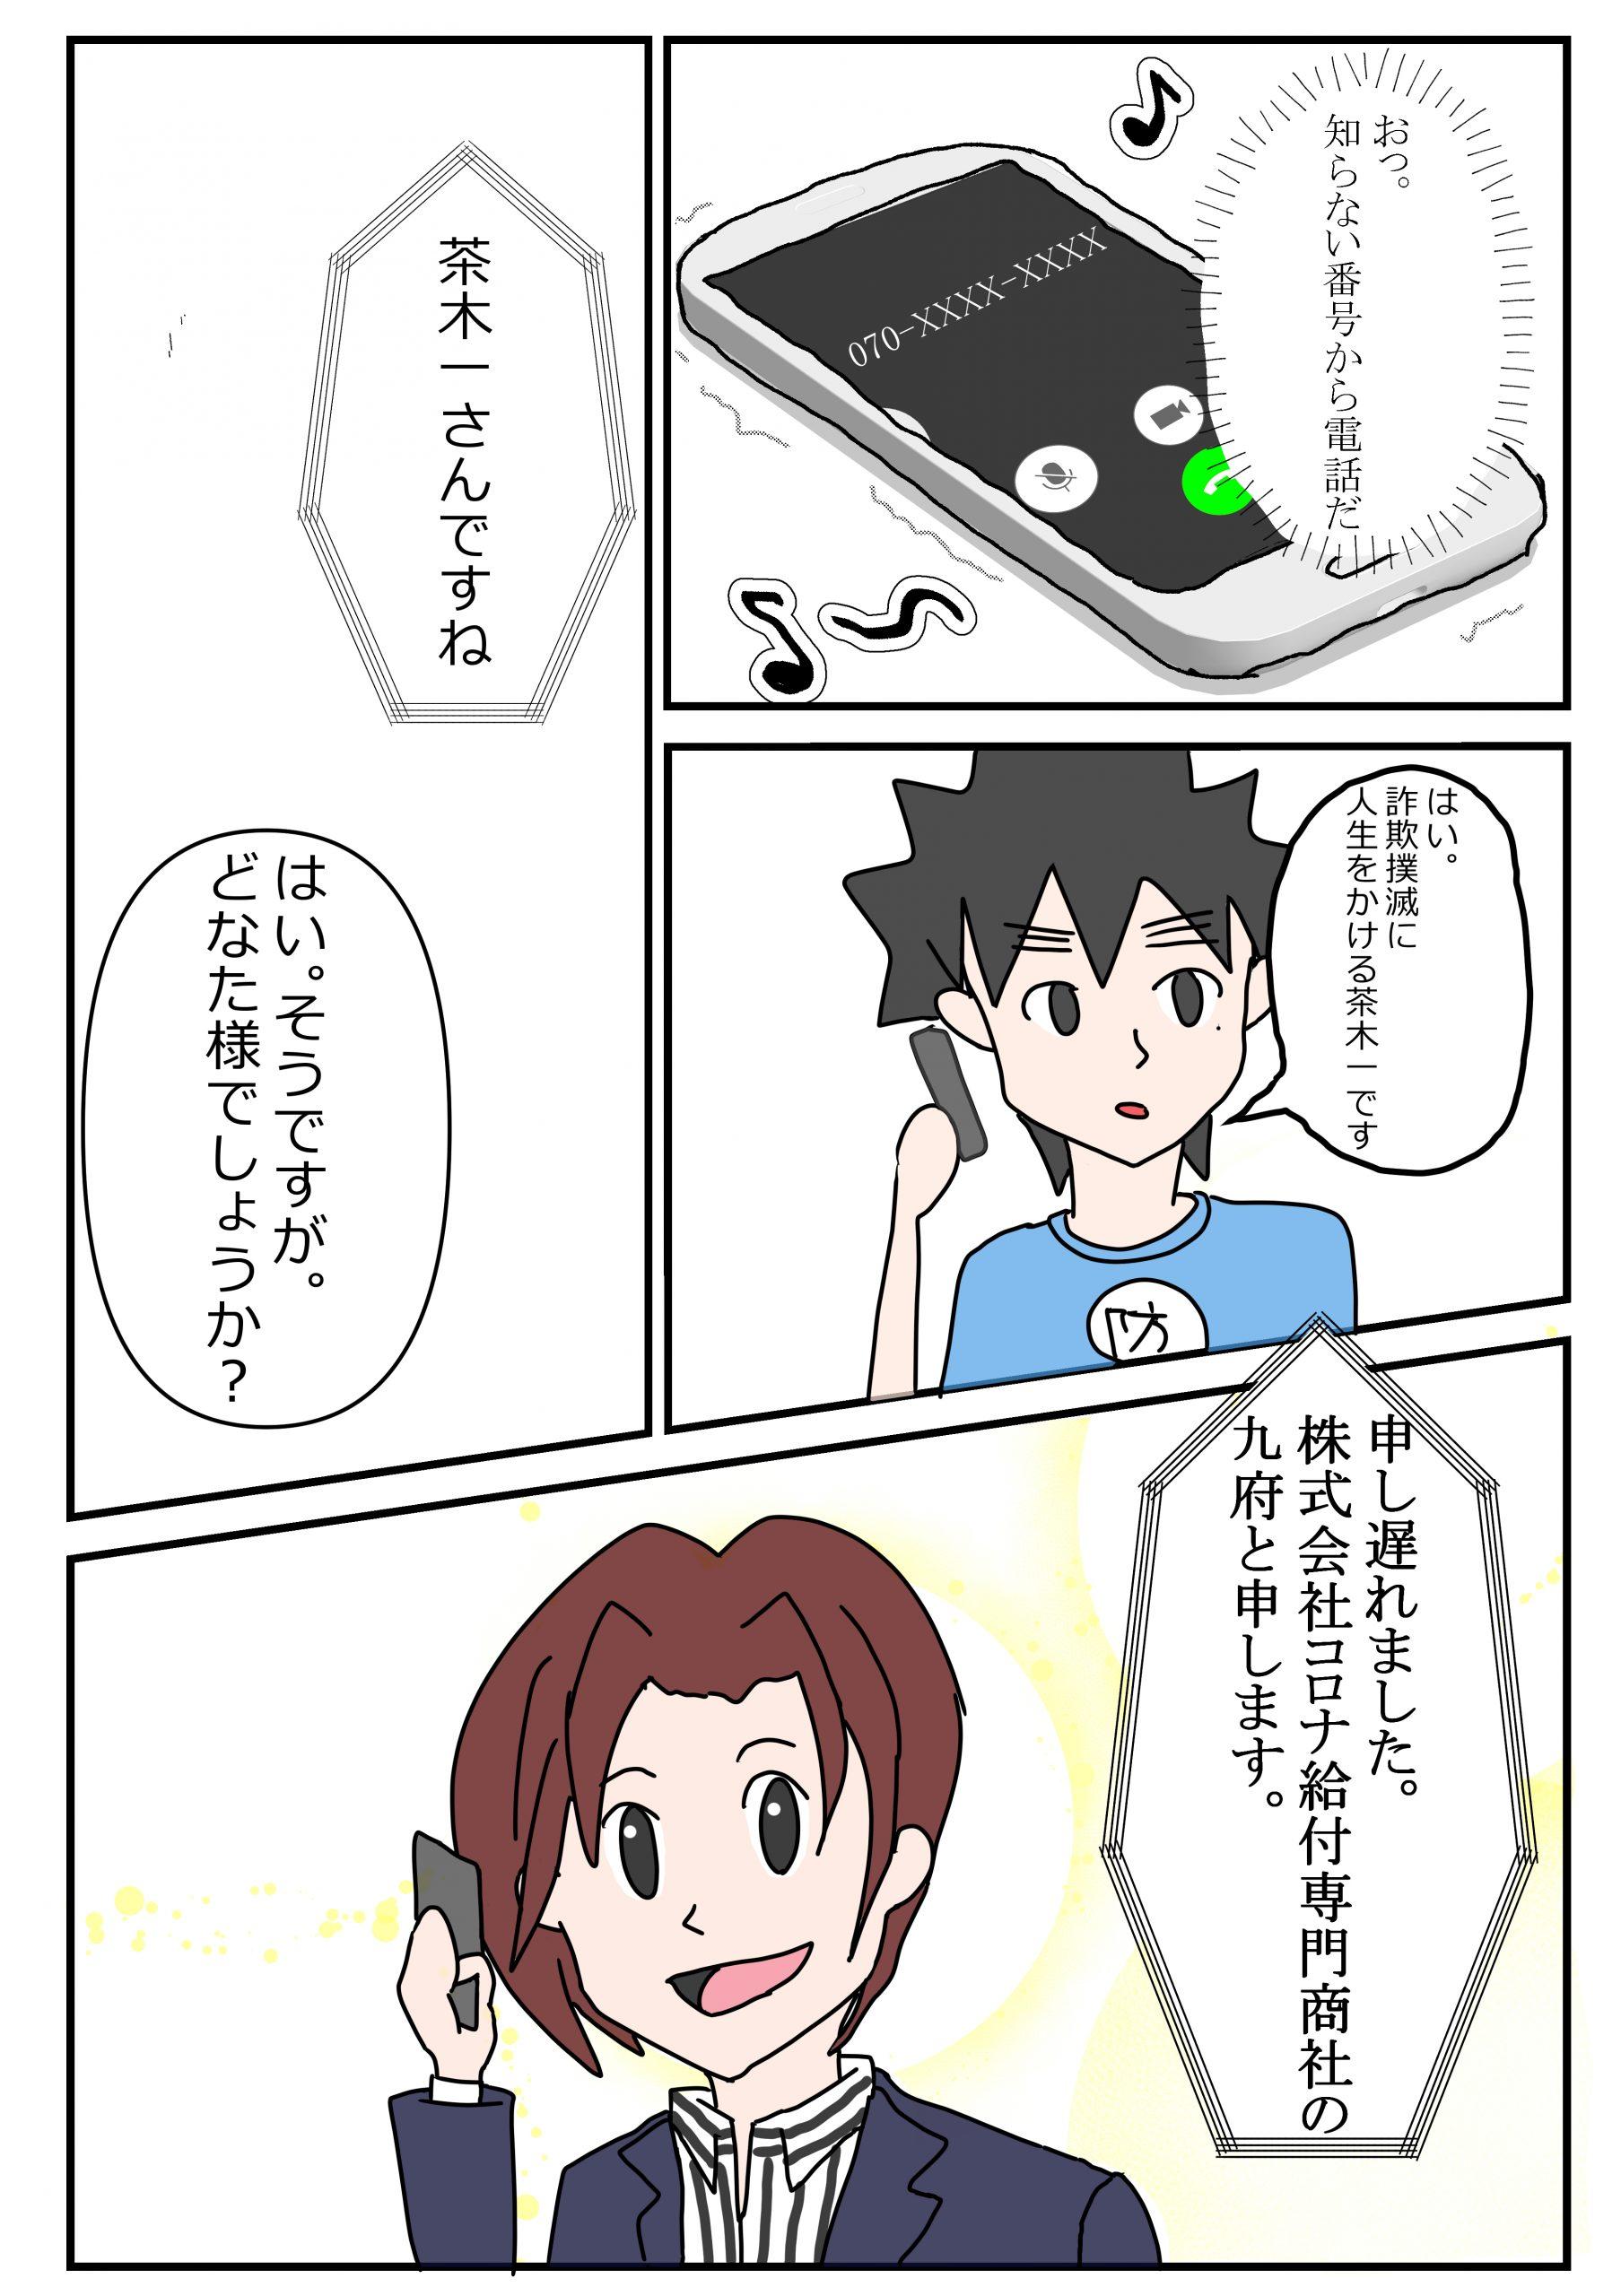 特殊詐欺ぼうしくん4-3